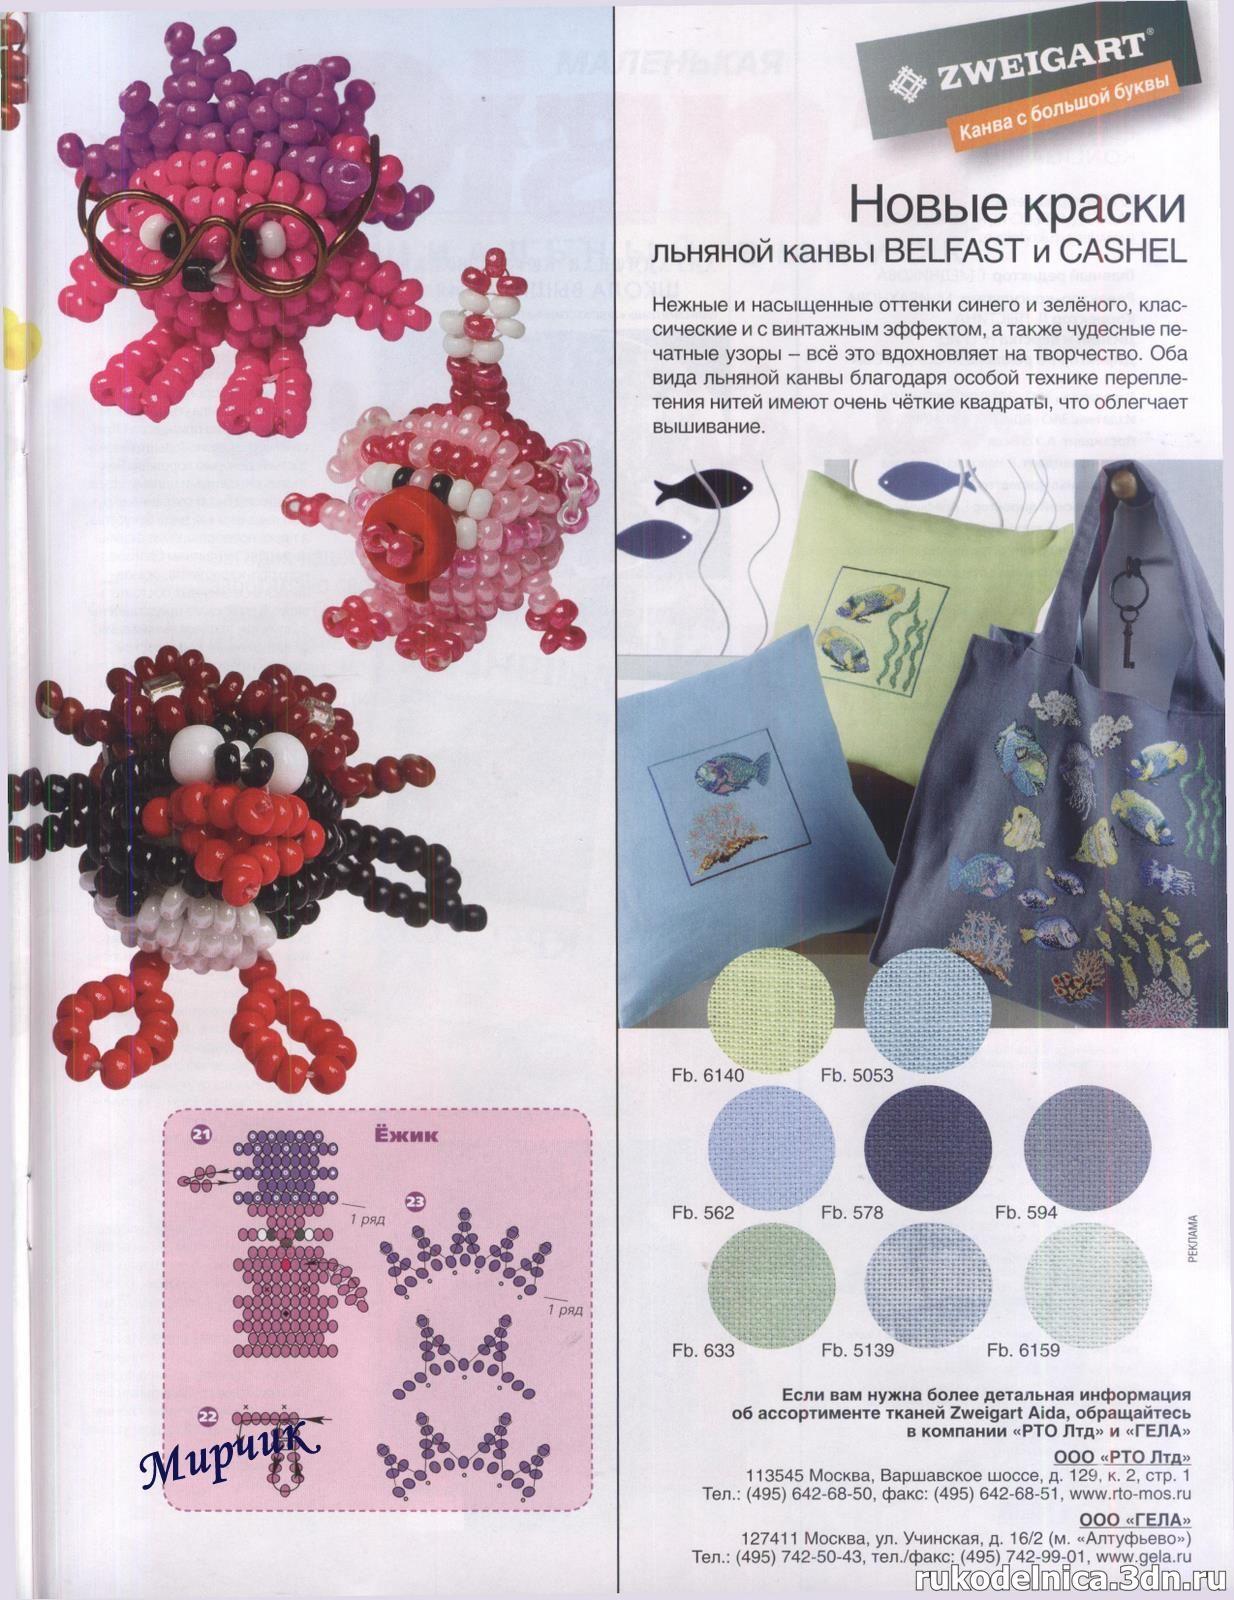 Игрушки из бисера - Объемные.  Плетение бисером схемы объемных животных - Читать далее. как сшить одеяло для...